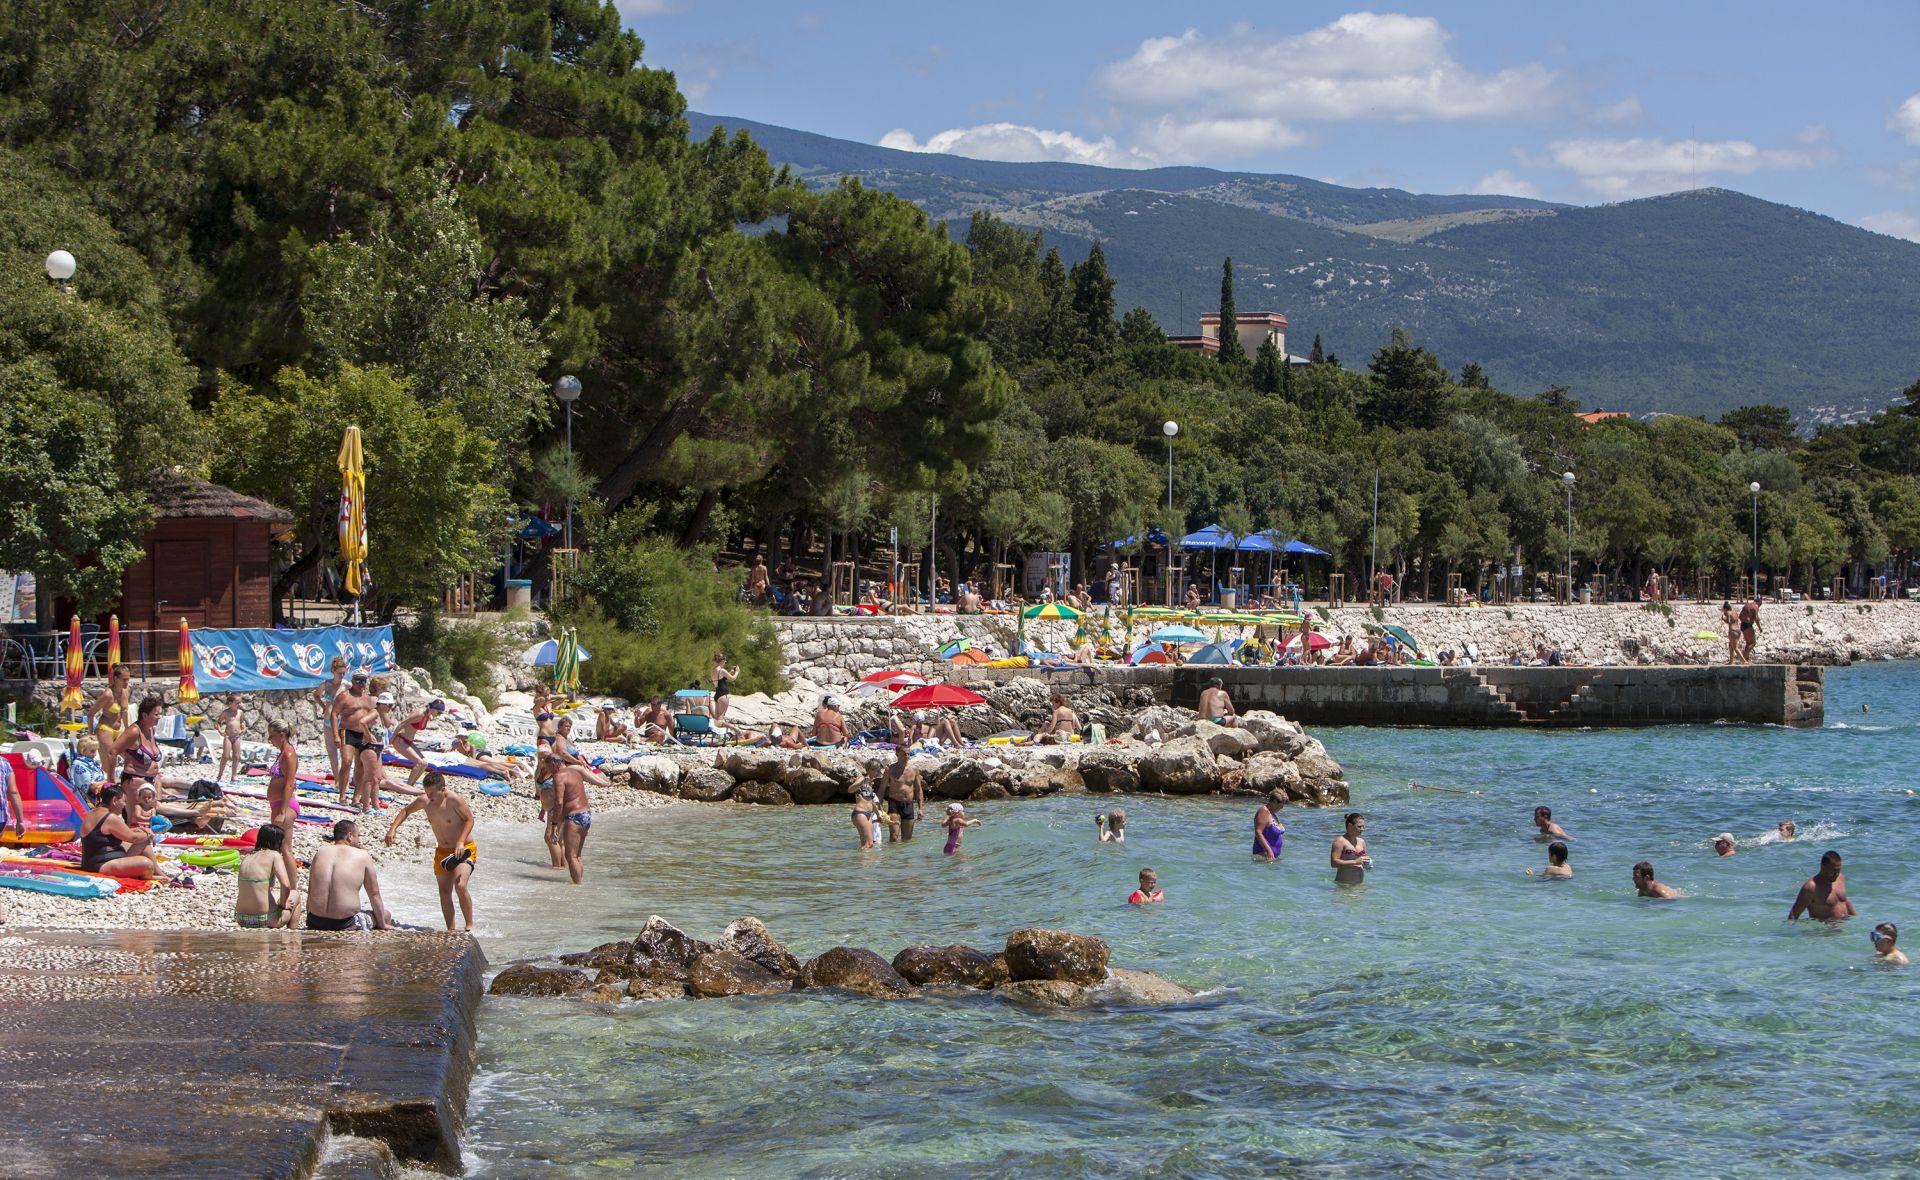 Turistički srpanj na Kvarneru nadmašuje sve dosadašnje srpanjske rezultate